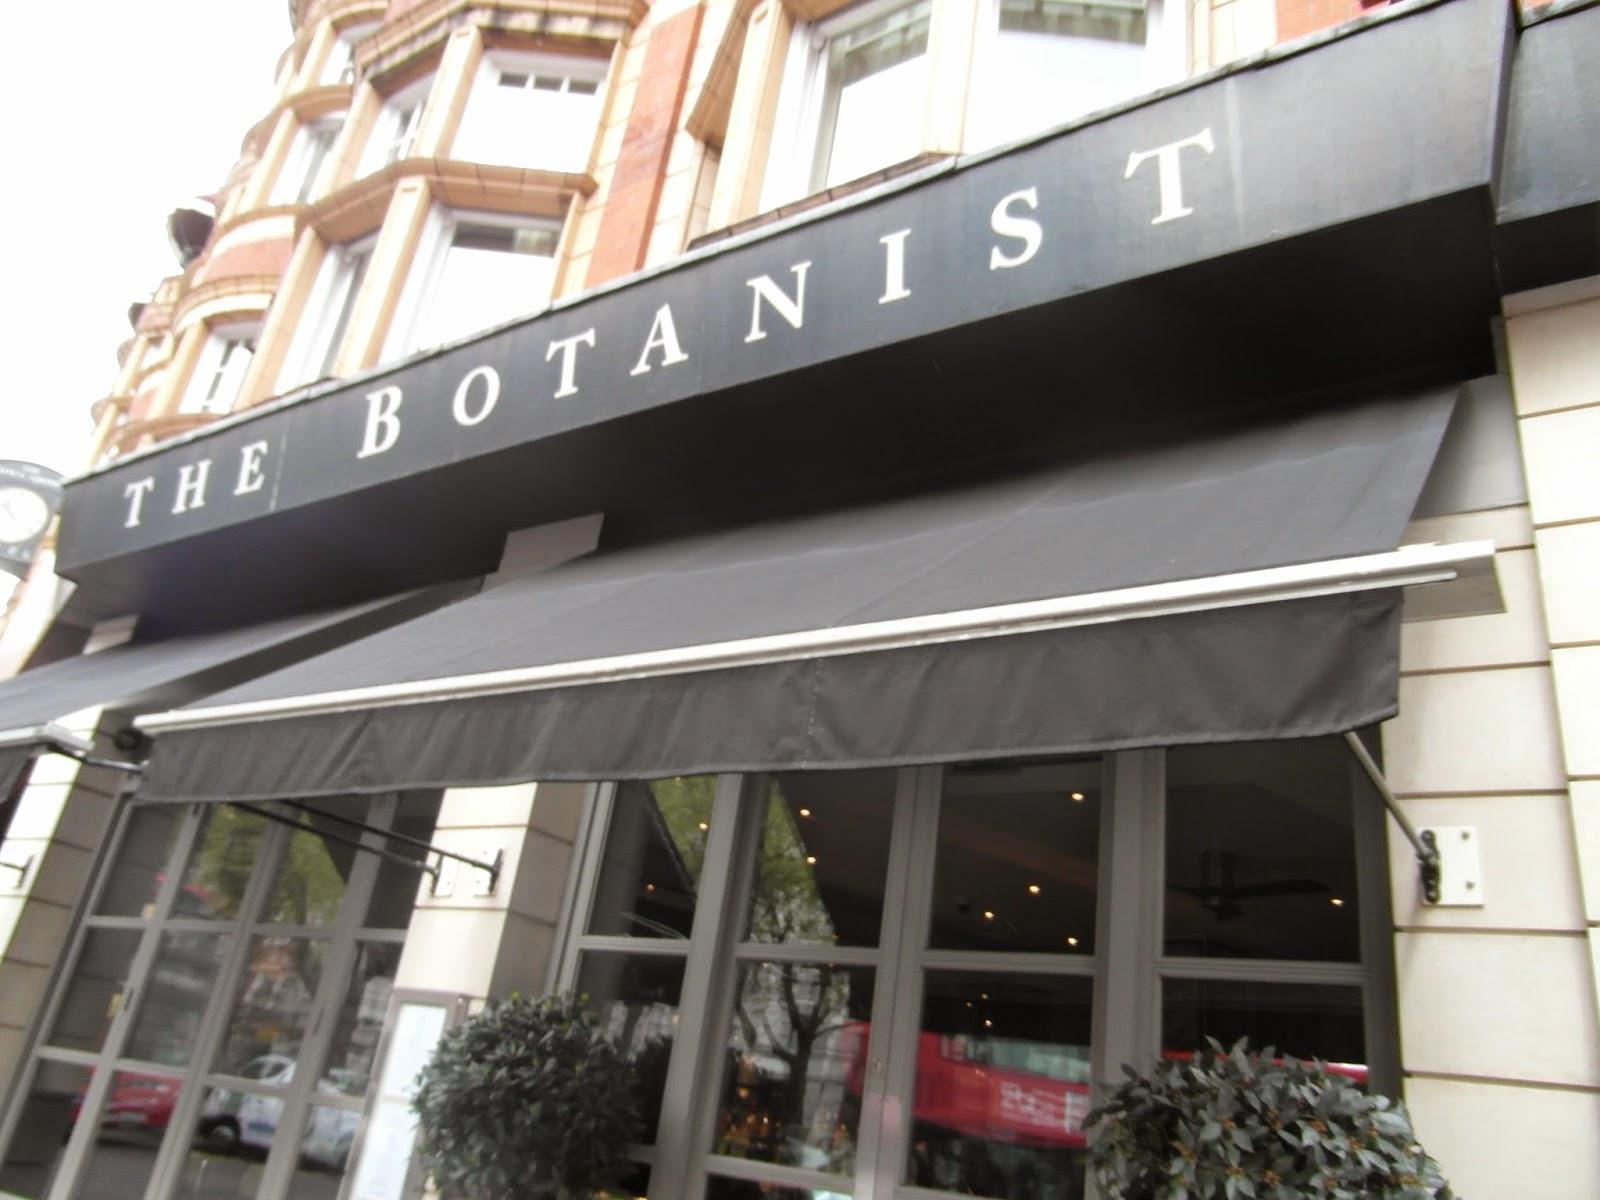 Breakfast The Botanist Sloane Square London